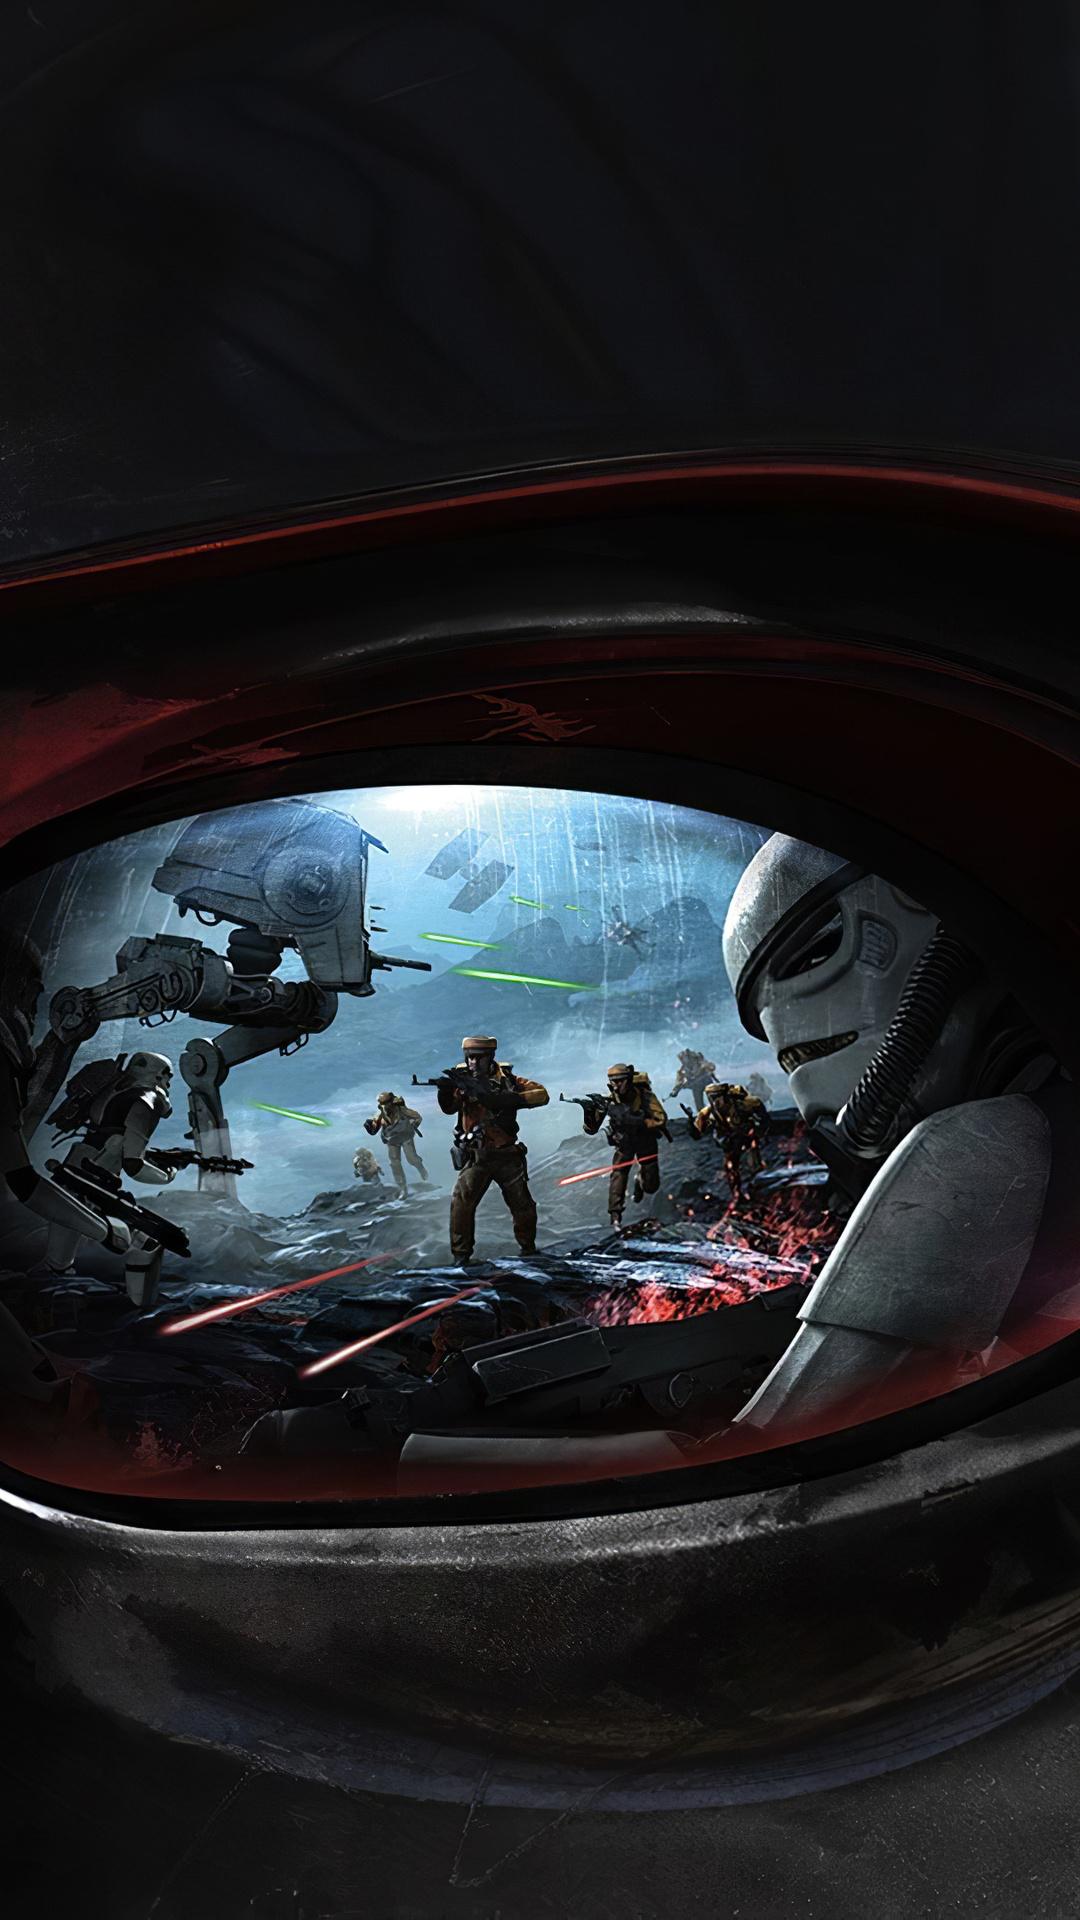 Star Wars Battlefront Darth Vader Wallpaper